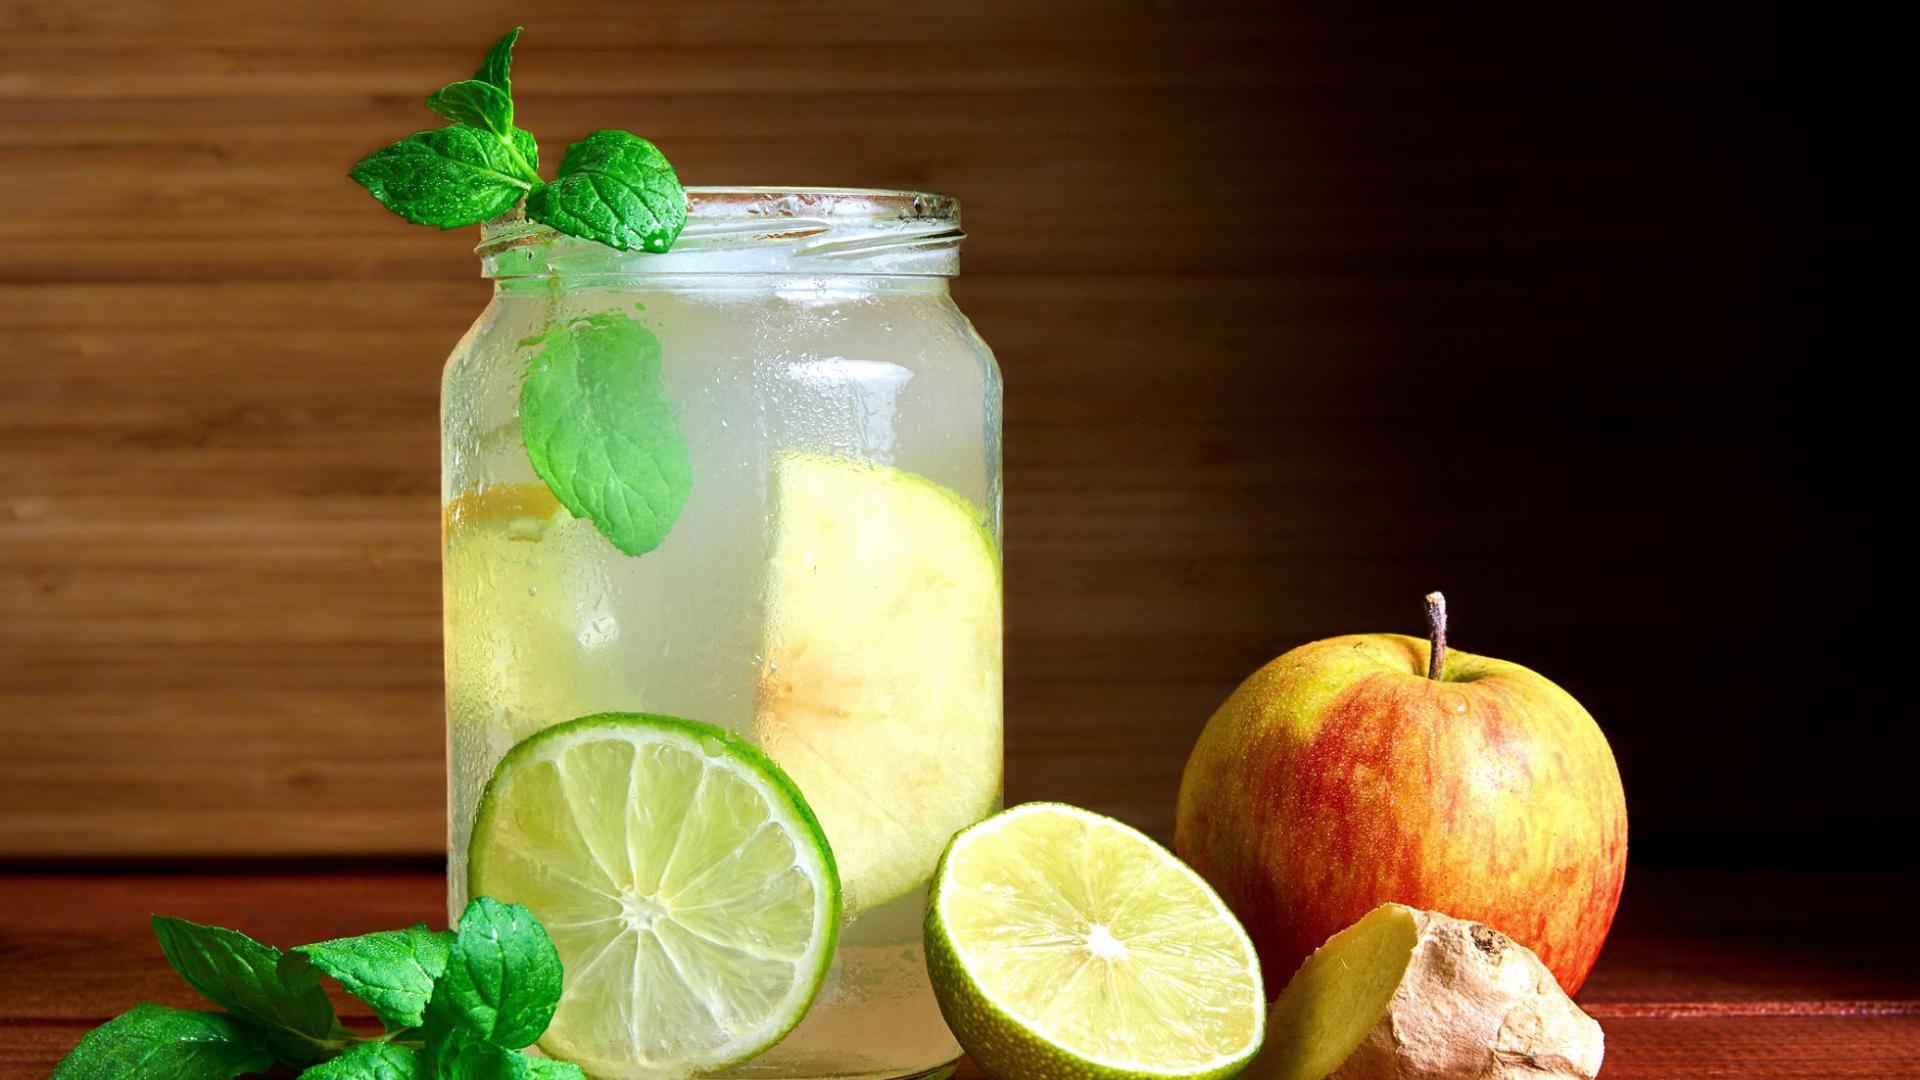 kalter hausgemachter Switchel-Drink in einem Marmeladenglas mit Limetten, Ingwer & Apfel neben dem Glas